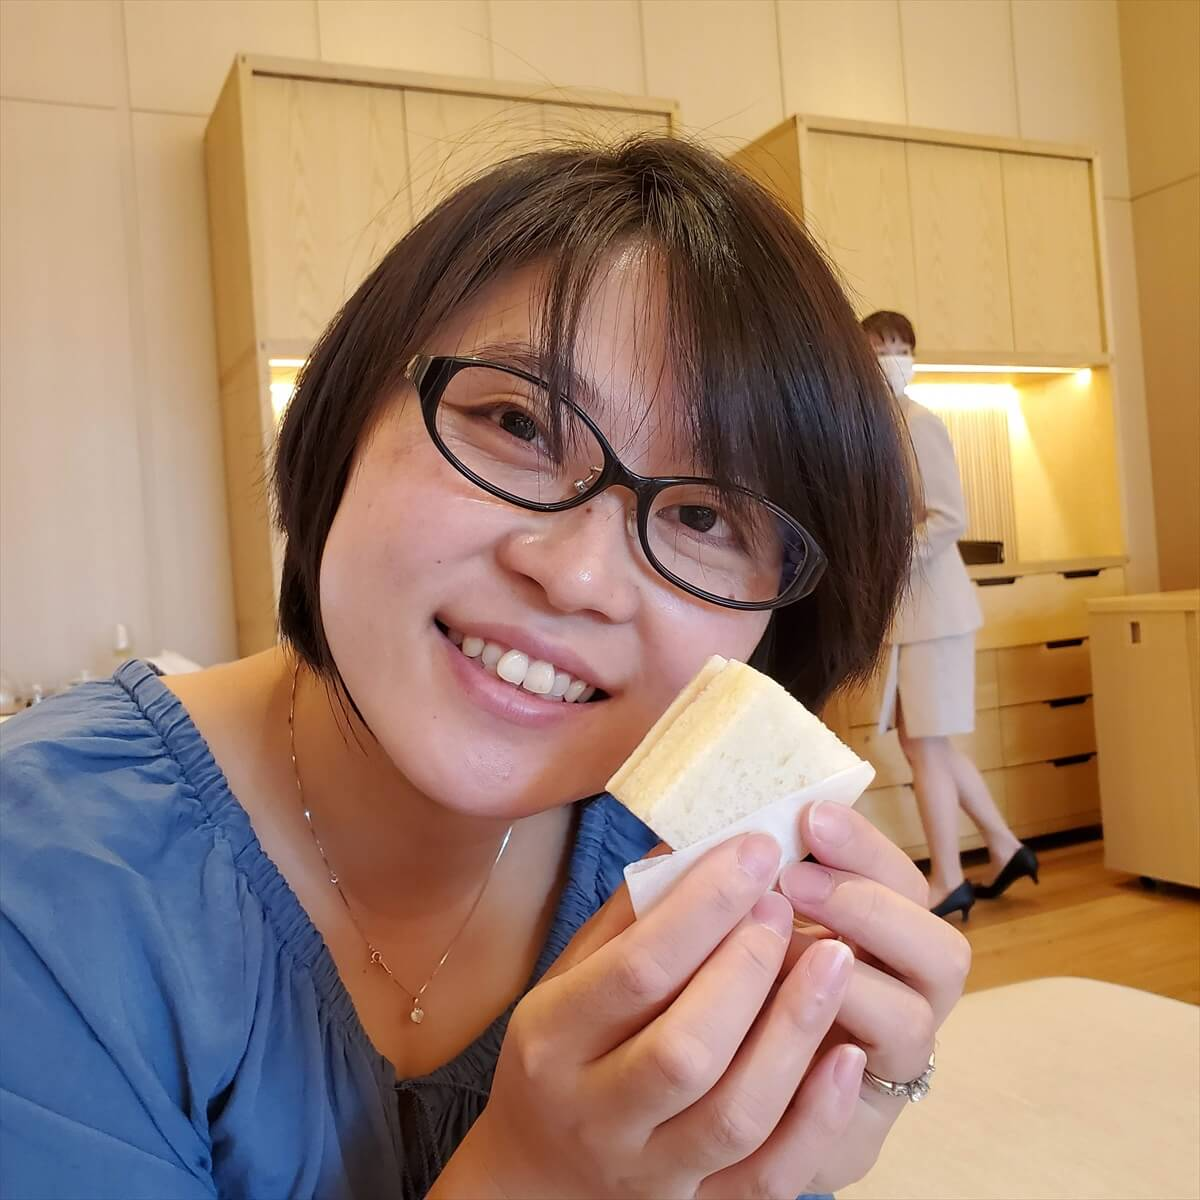 リッツカールトン日光のアフタヌーンティーのサンドウィッチを食べるりっちゃん